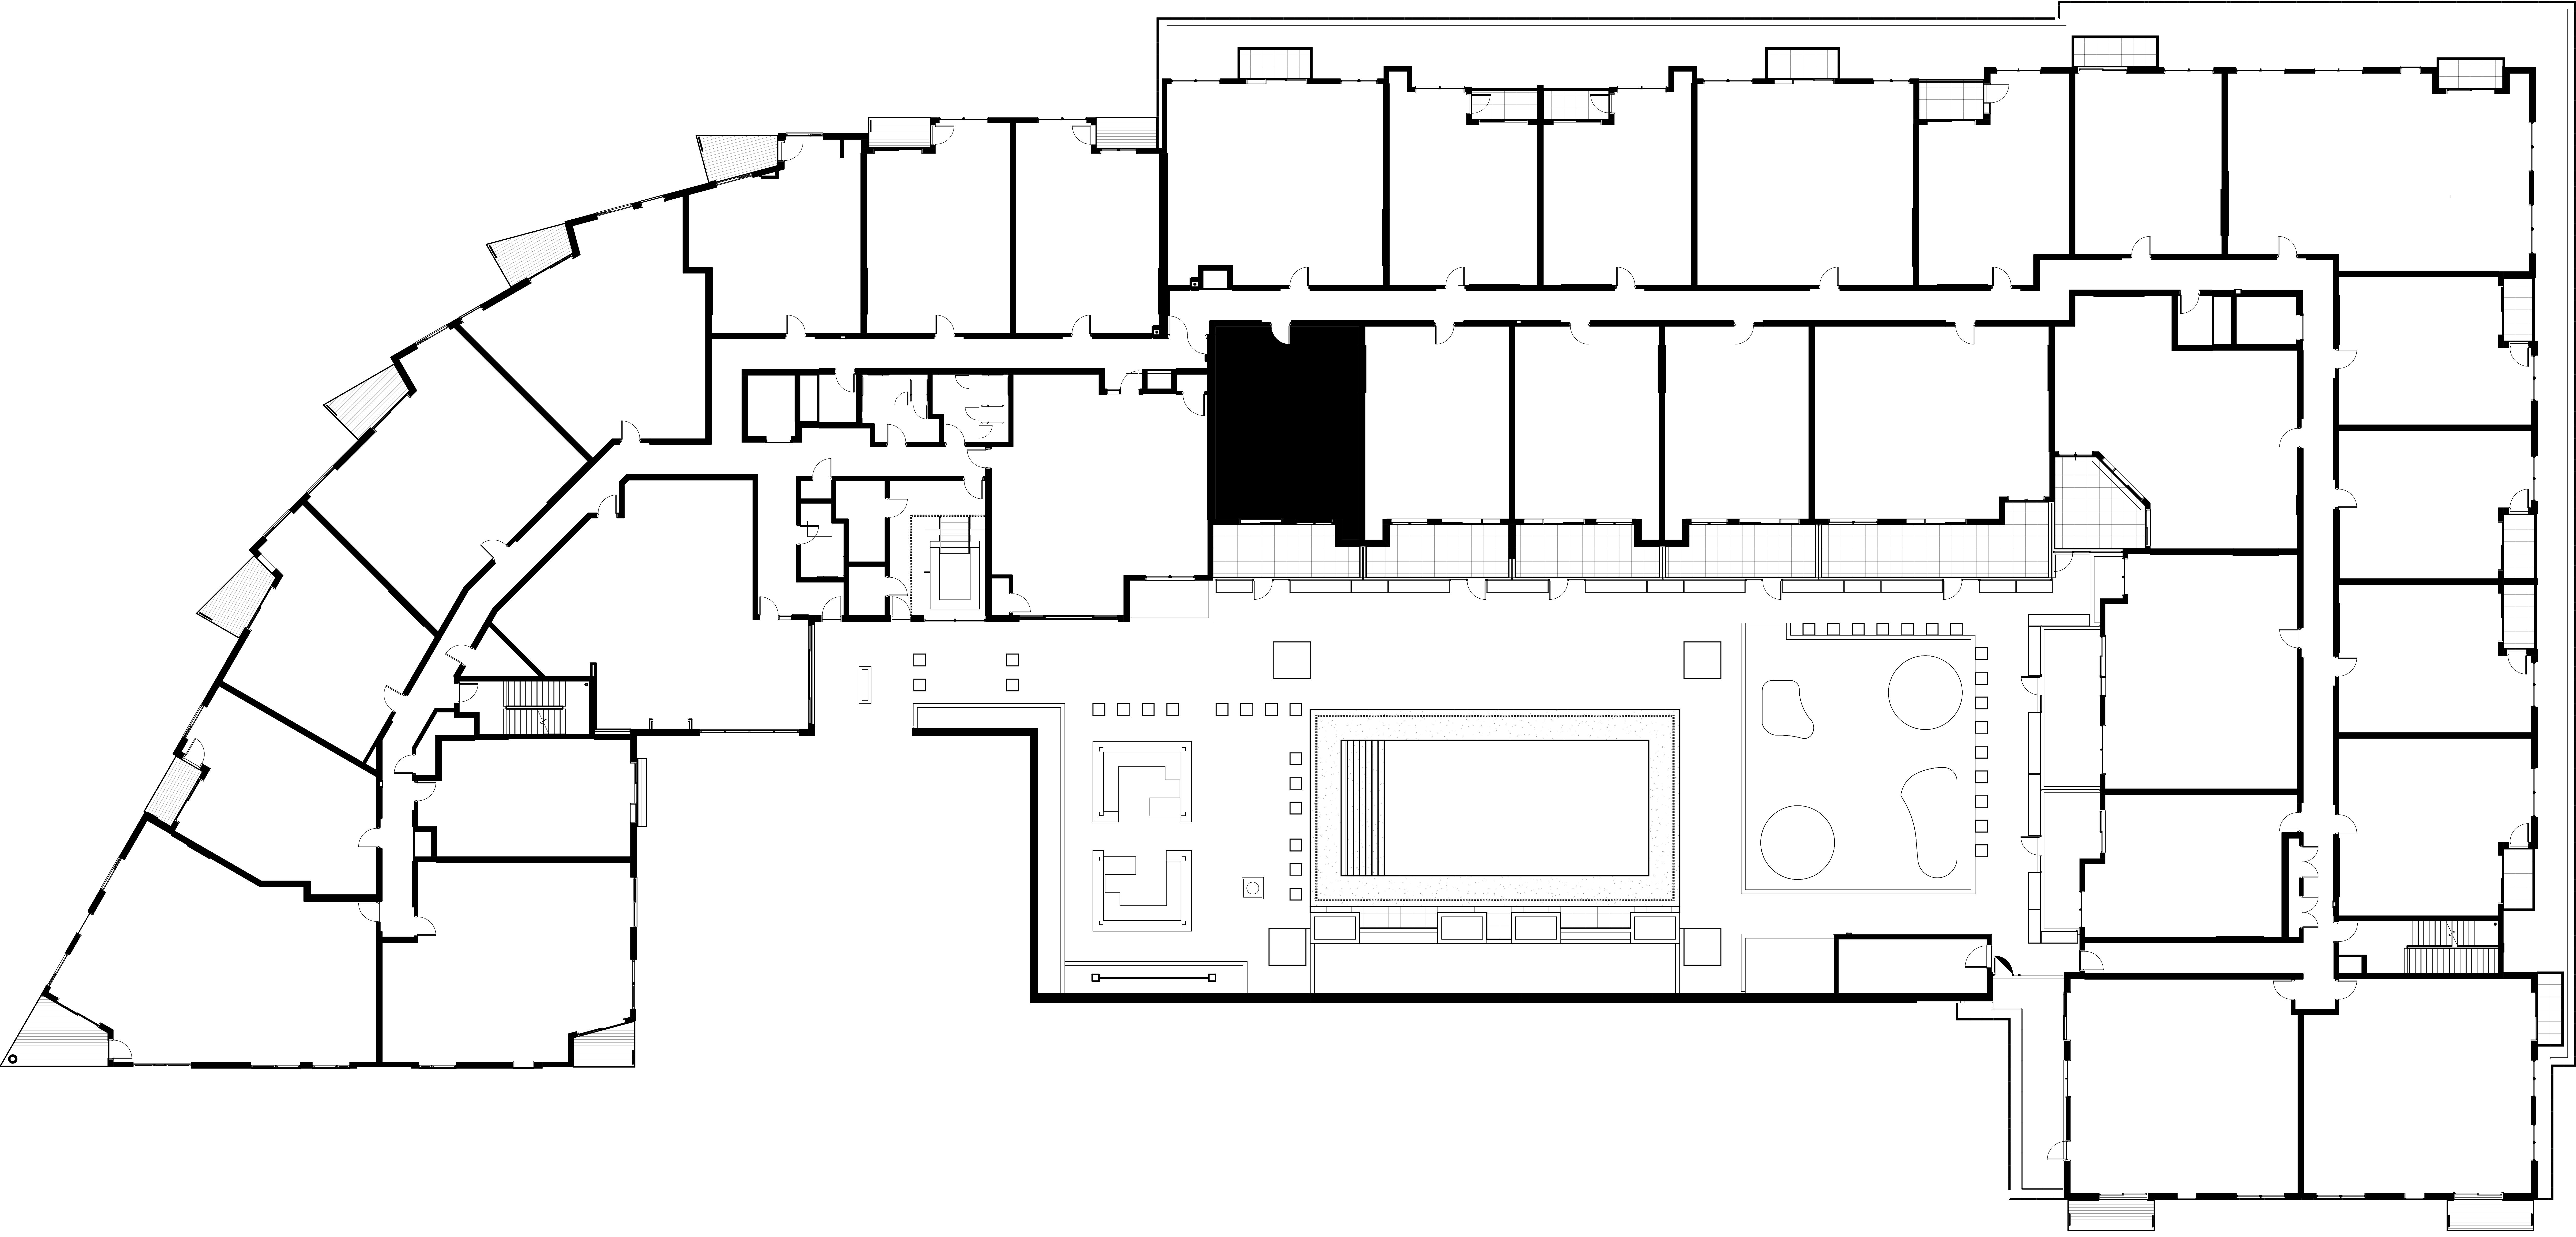 219 Floorplate